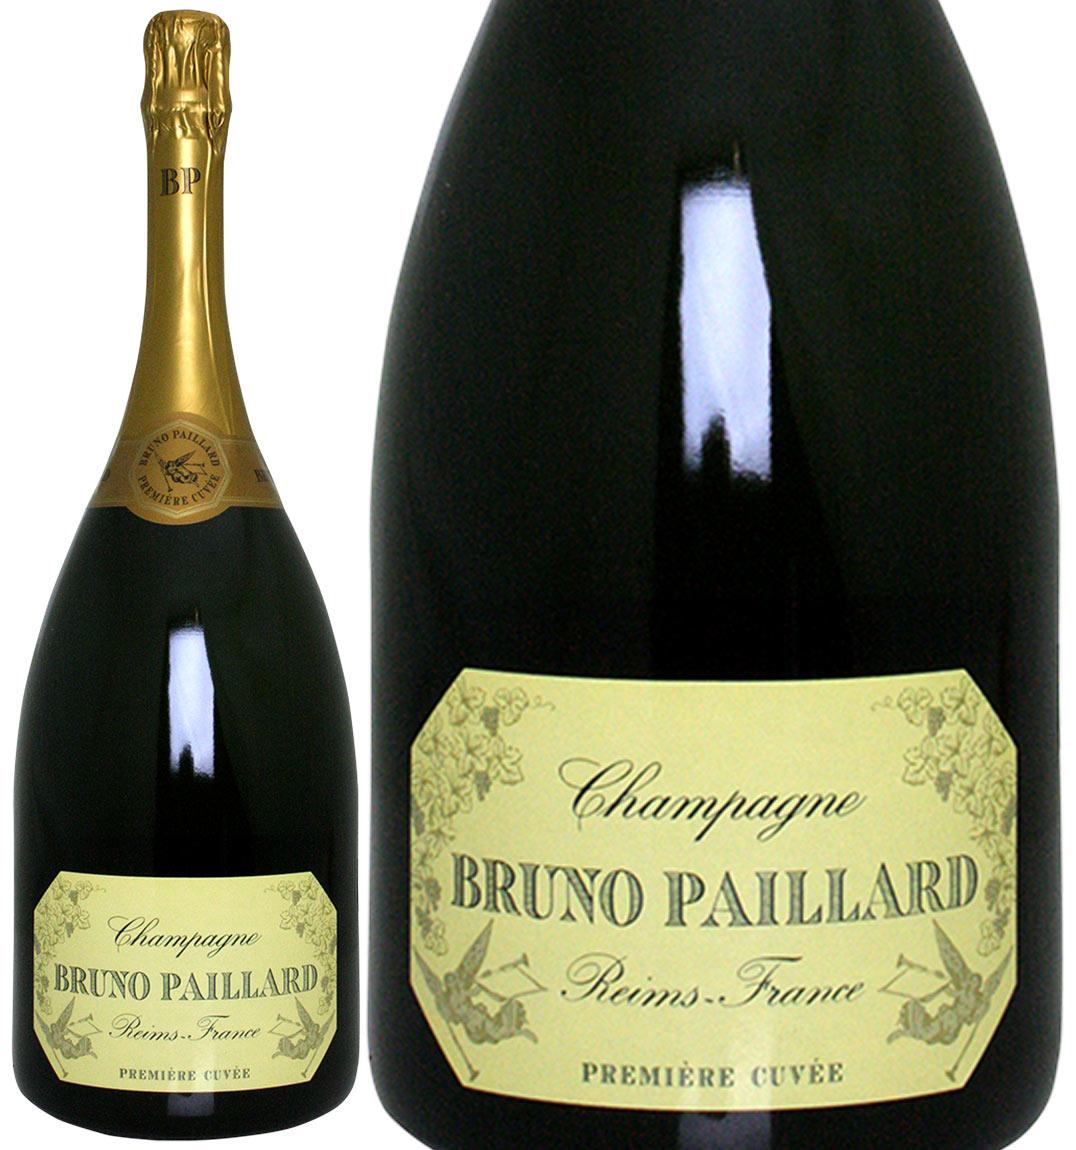 ブルーノ・パイヤール・エクストラ・ブリュット・プルミエール・キュヴェ マグナム1.5L NV <白> <ワイン/シャンパン>【■17000065】 ※即刻お取り寄せ品!ヴィンテージ変更と欠品の際はご連絡します!